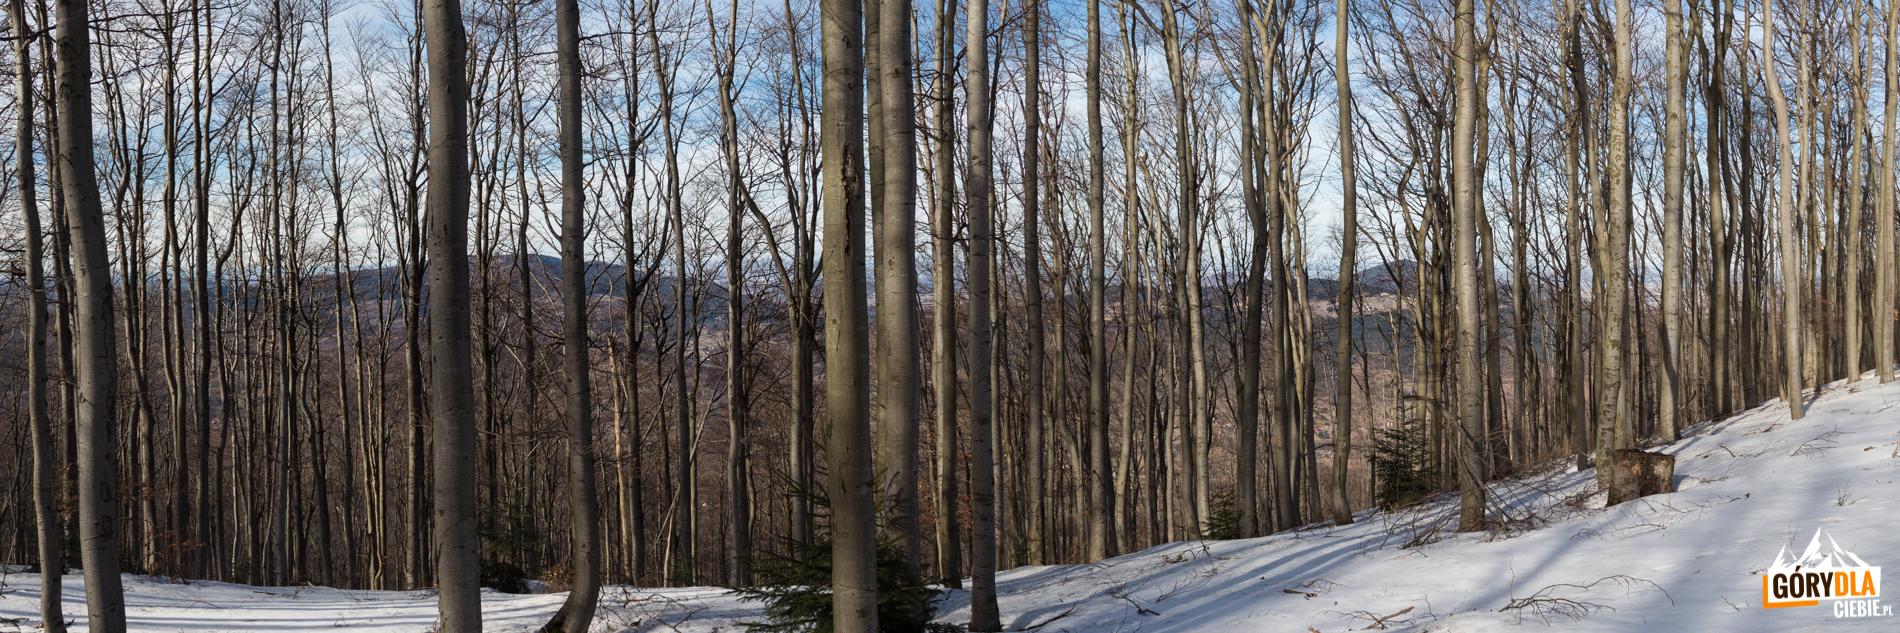 Lubogoszcz porasta ładny bukowy las